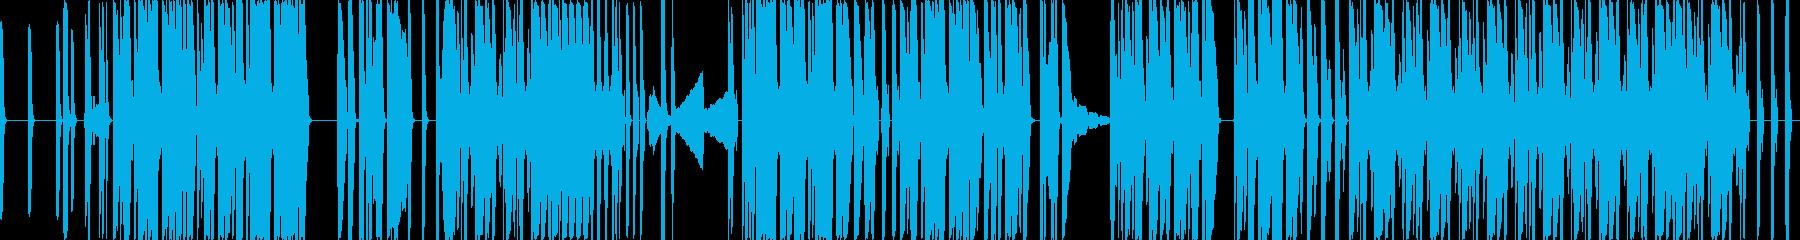 快活なビート、心地よいブレイクの再生済みの波形